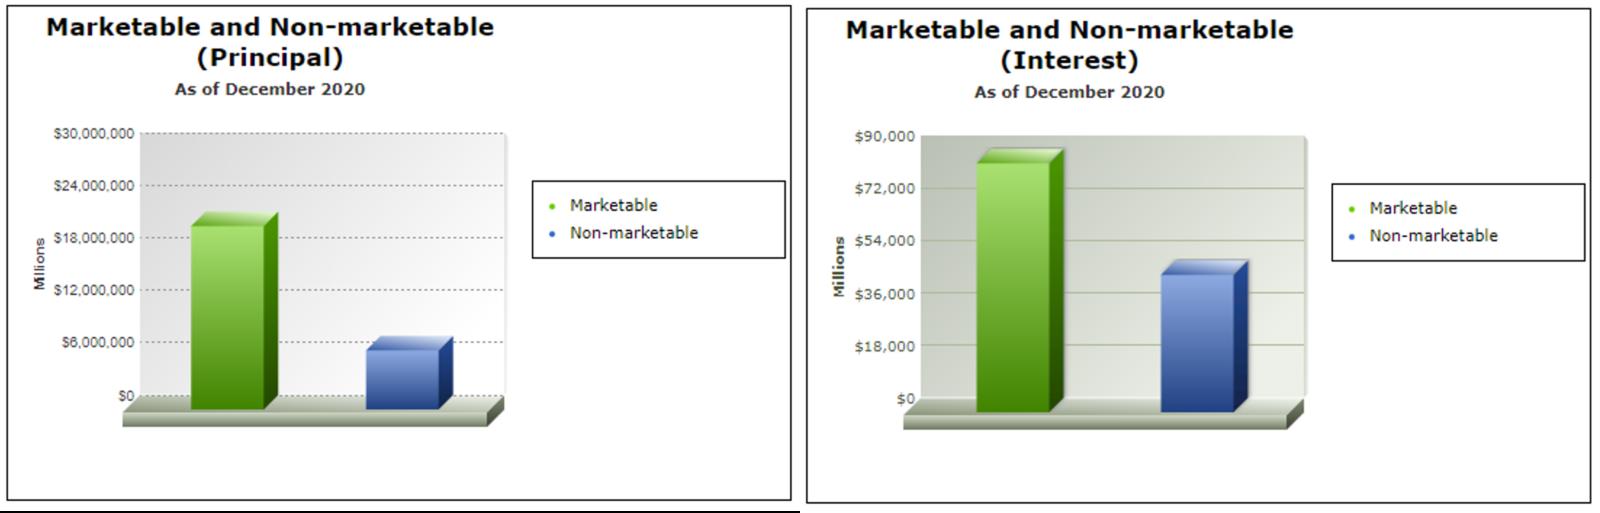 Non marketable securities